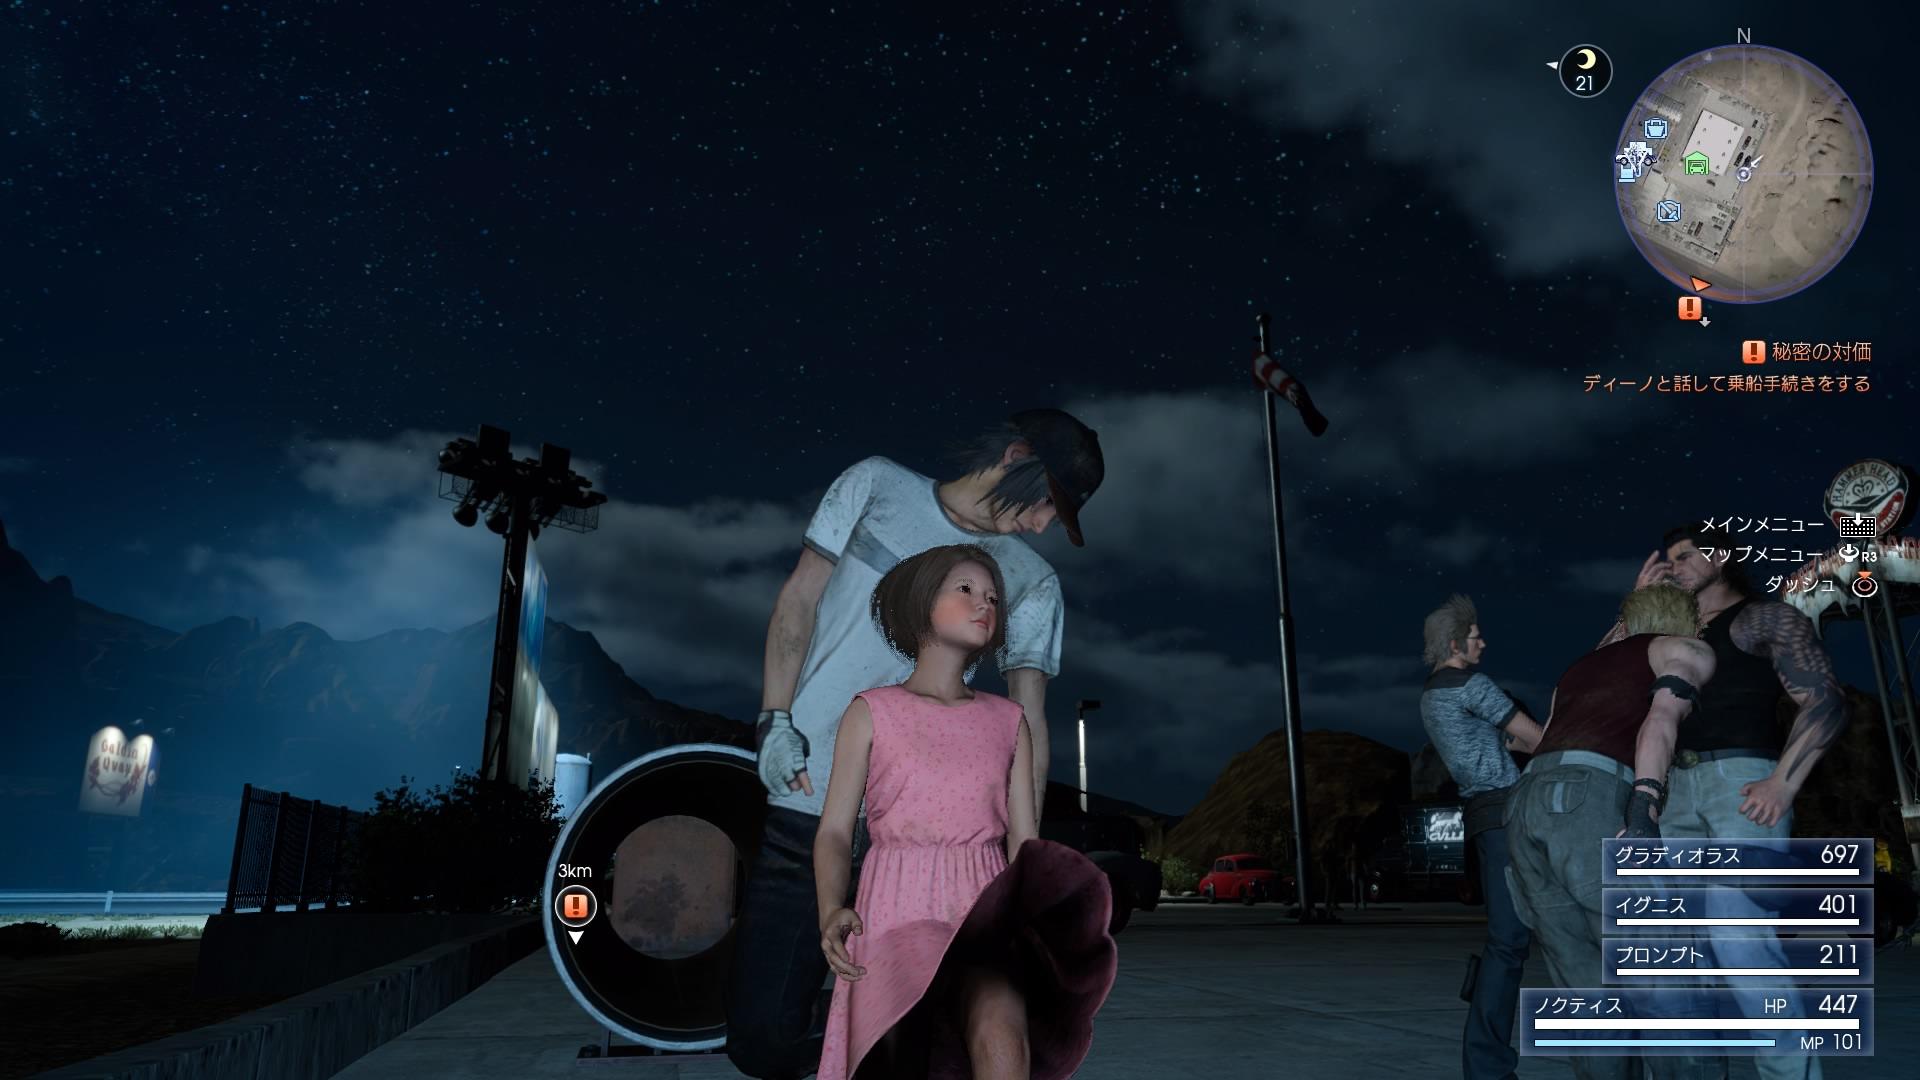 《悲報》FF15の主人公、幼女のスカートをめくる